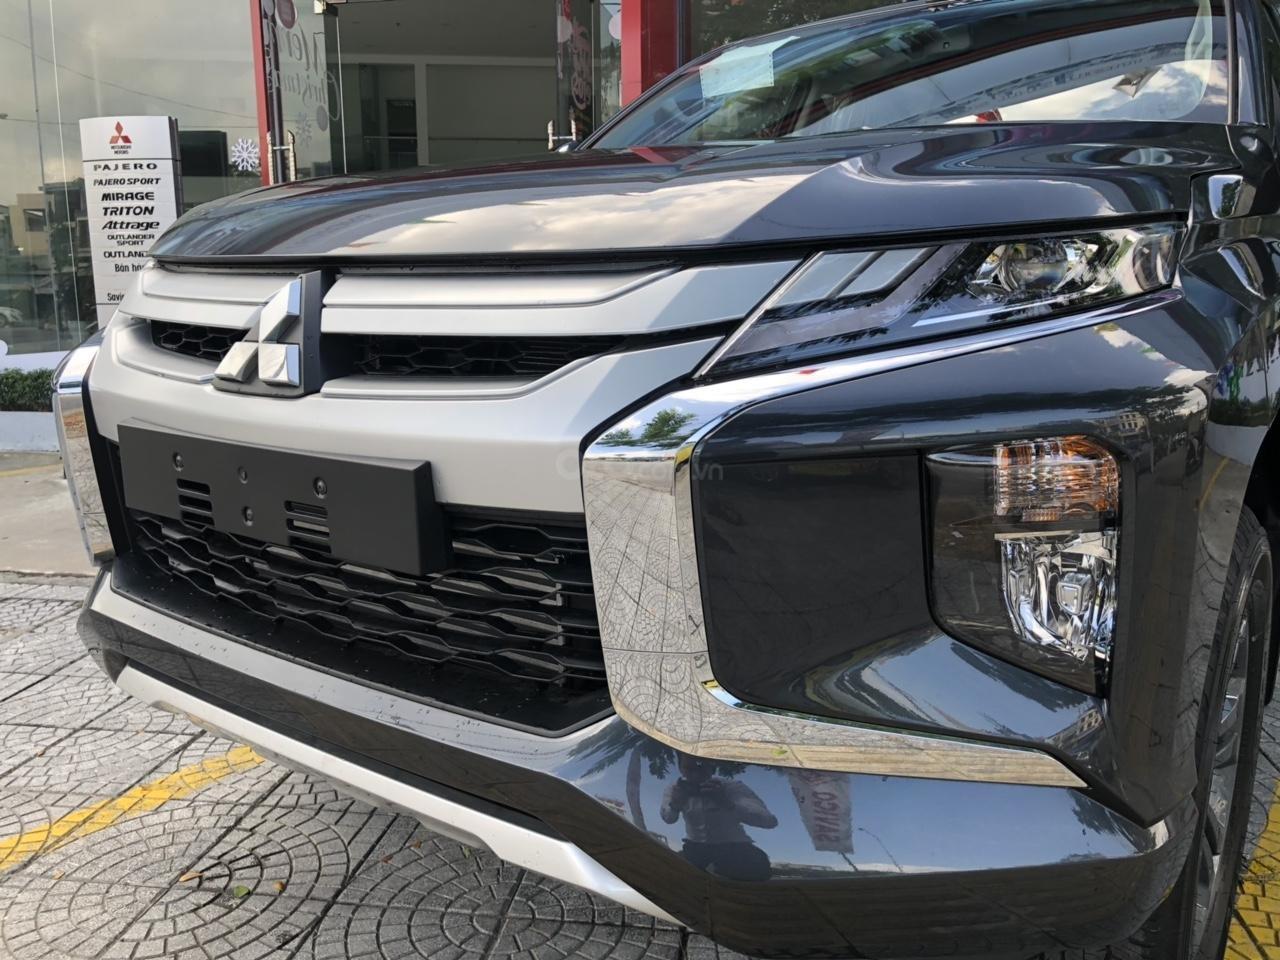 Mitsubishi Triton số tự động, thiết kế mới cực đẹp, giá cực rẻ. Gọi: 0905.91.01.99 (7)